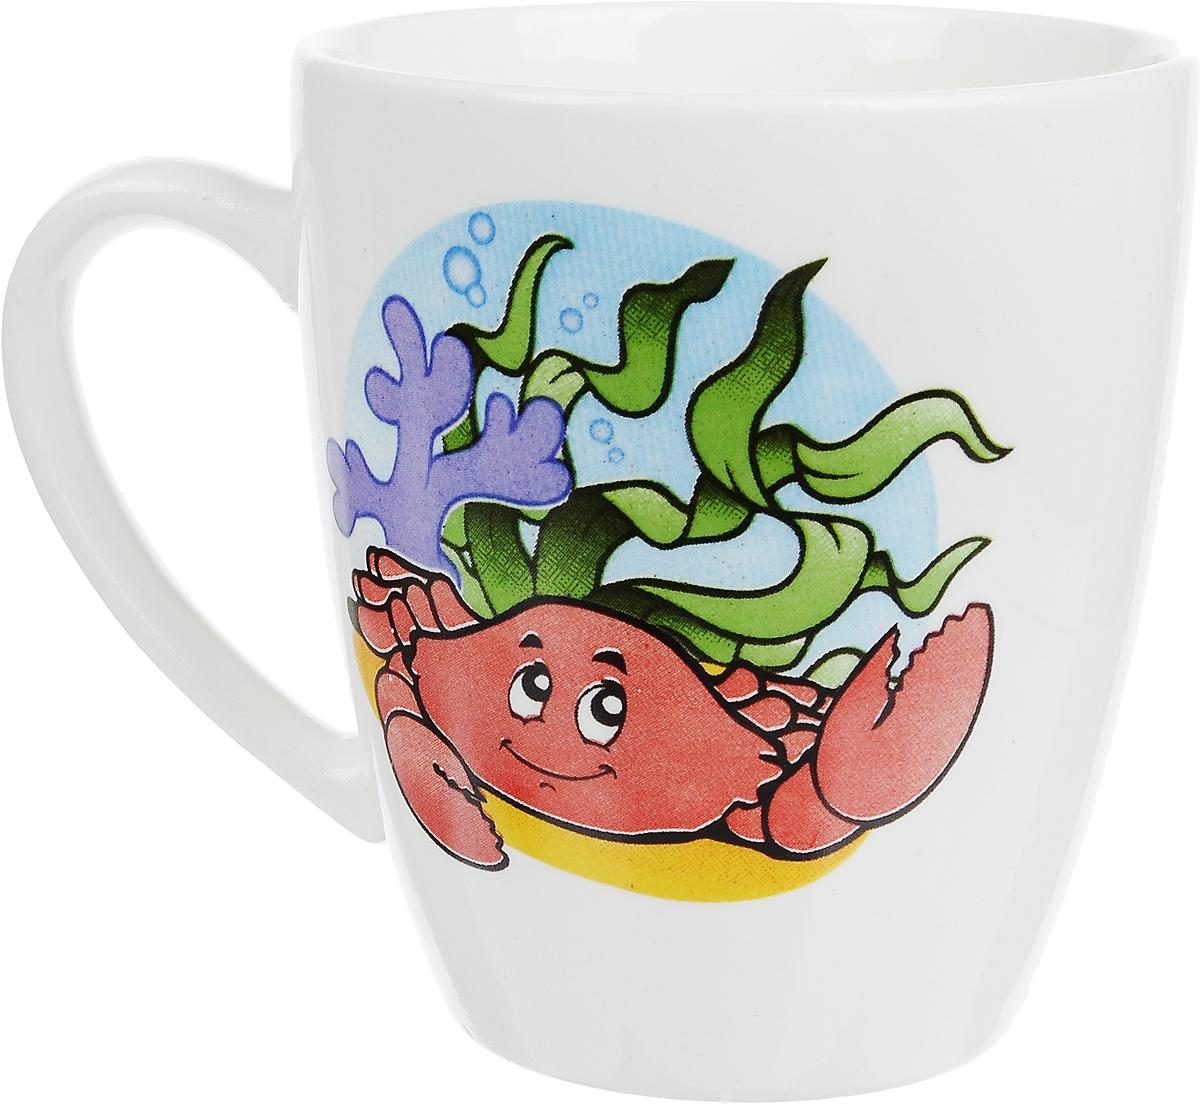 """Фаянсовая детская кружка Кубаньфарфор """"Морской мир: Краб"""" с забавным рисунком понравится каждому  малышу. Изделие из  качественного материала станет правильным выбором для повседневной эксплуатации и поможет превратить каждый  прием пищи в радостное  приключение.Кружка легко моется, не впитывает запахи, а рисунок имеет насыщенный цвет. Благодаря  безопасному материалу, кружка  подойдет для любых напитков. Объем кружки - 260 мл. Кружа дополнена удобной ручкой, а ее небольшие размеры и  вес позволят малышу без труда держать кружку самостоятельно.  Оригинальная детская кружка непременно порадует ребенка и станет отличным подарком для маленького  мореплавателя. Кружку можно использовать в СВЧ-печах и мыть в посудомоечных машинах."""